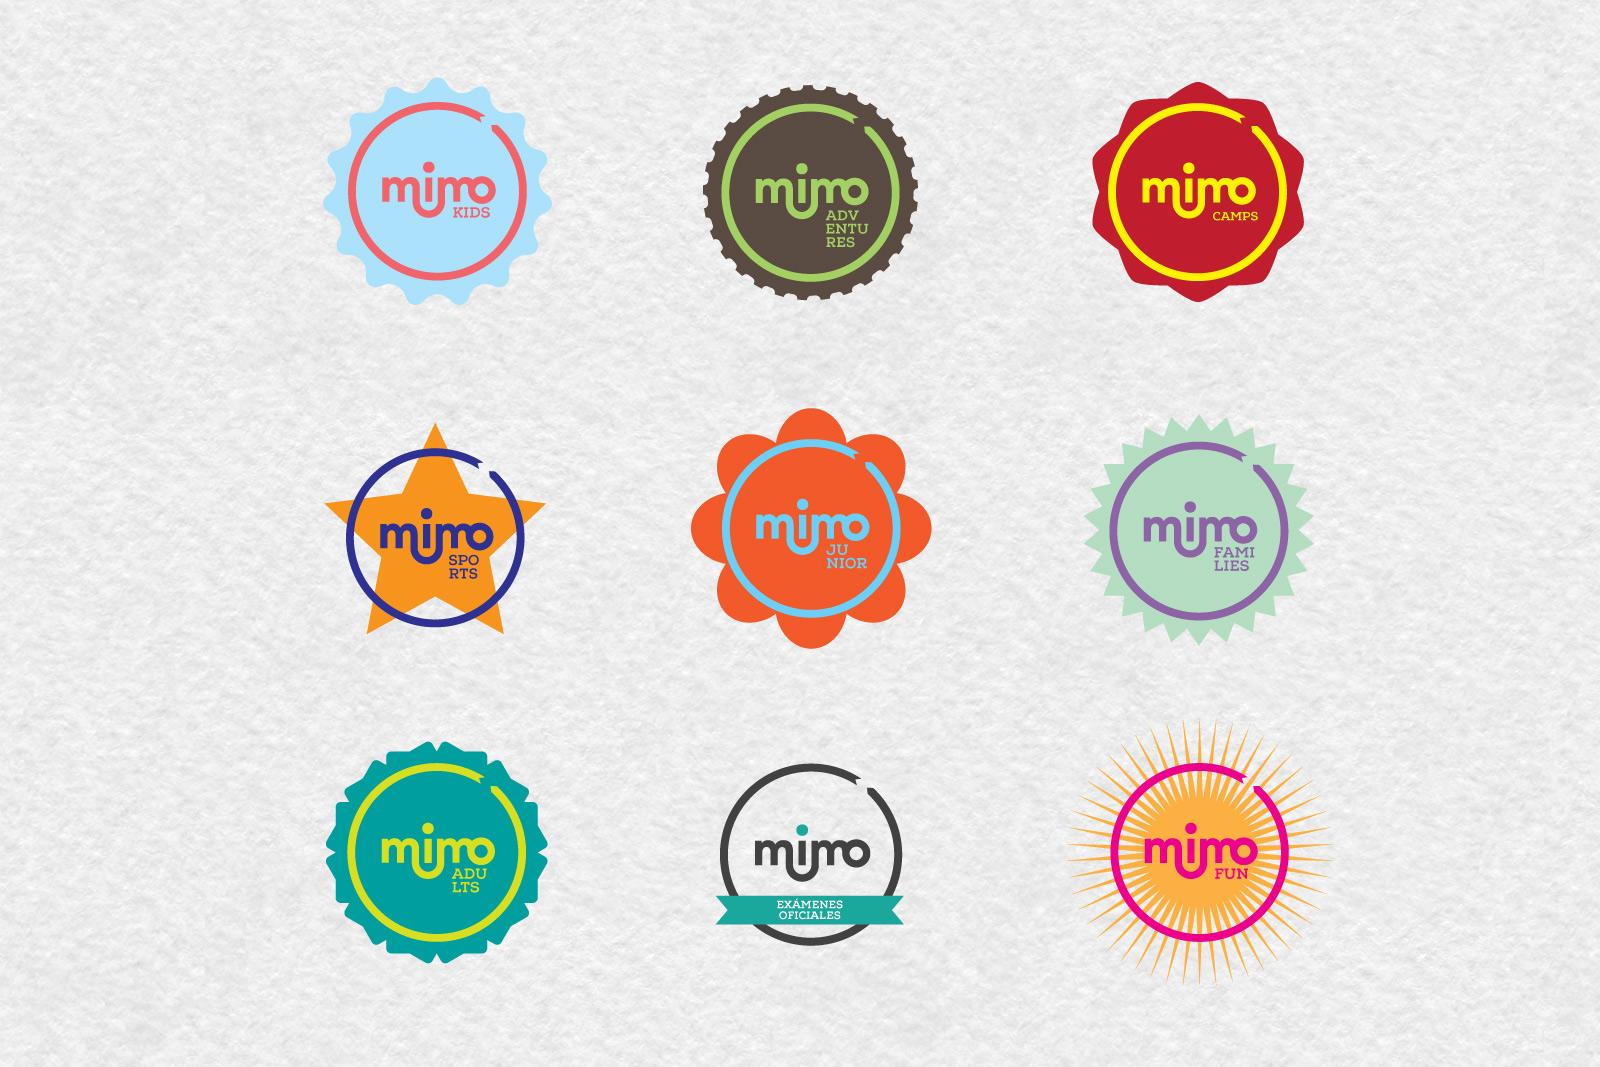 Mimo logos